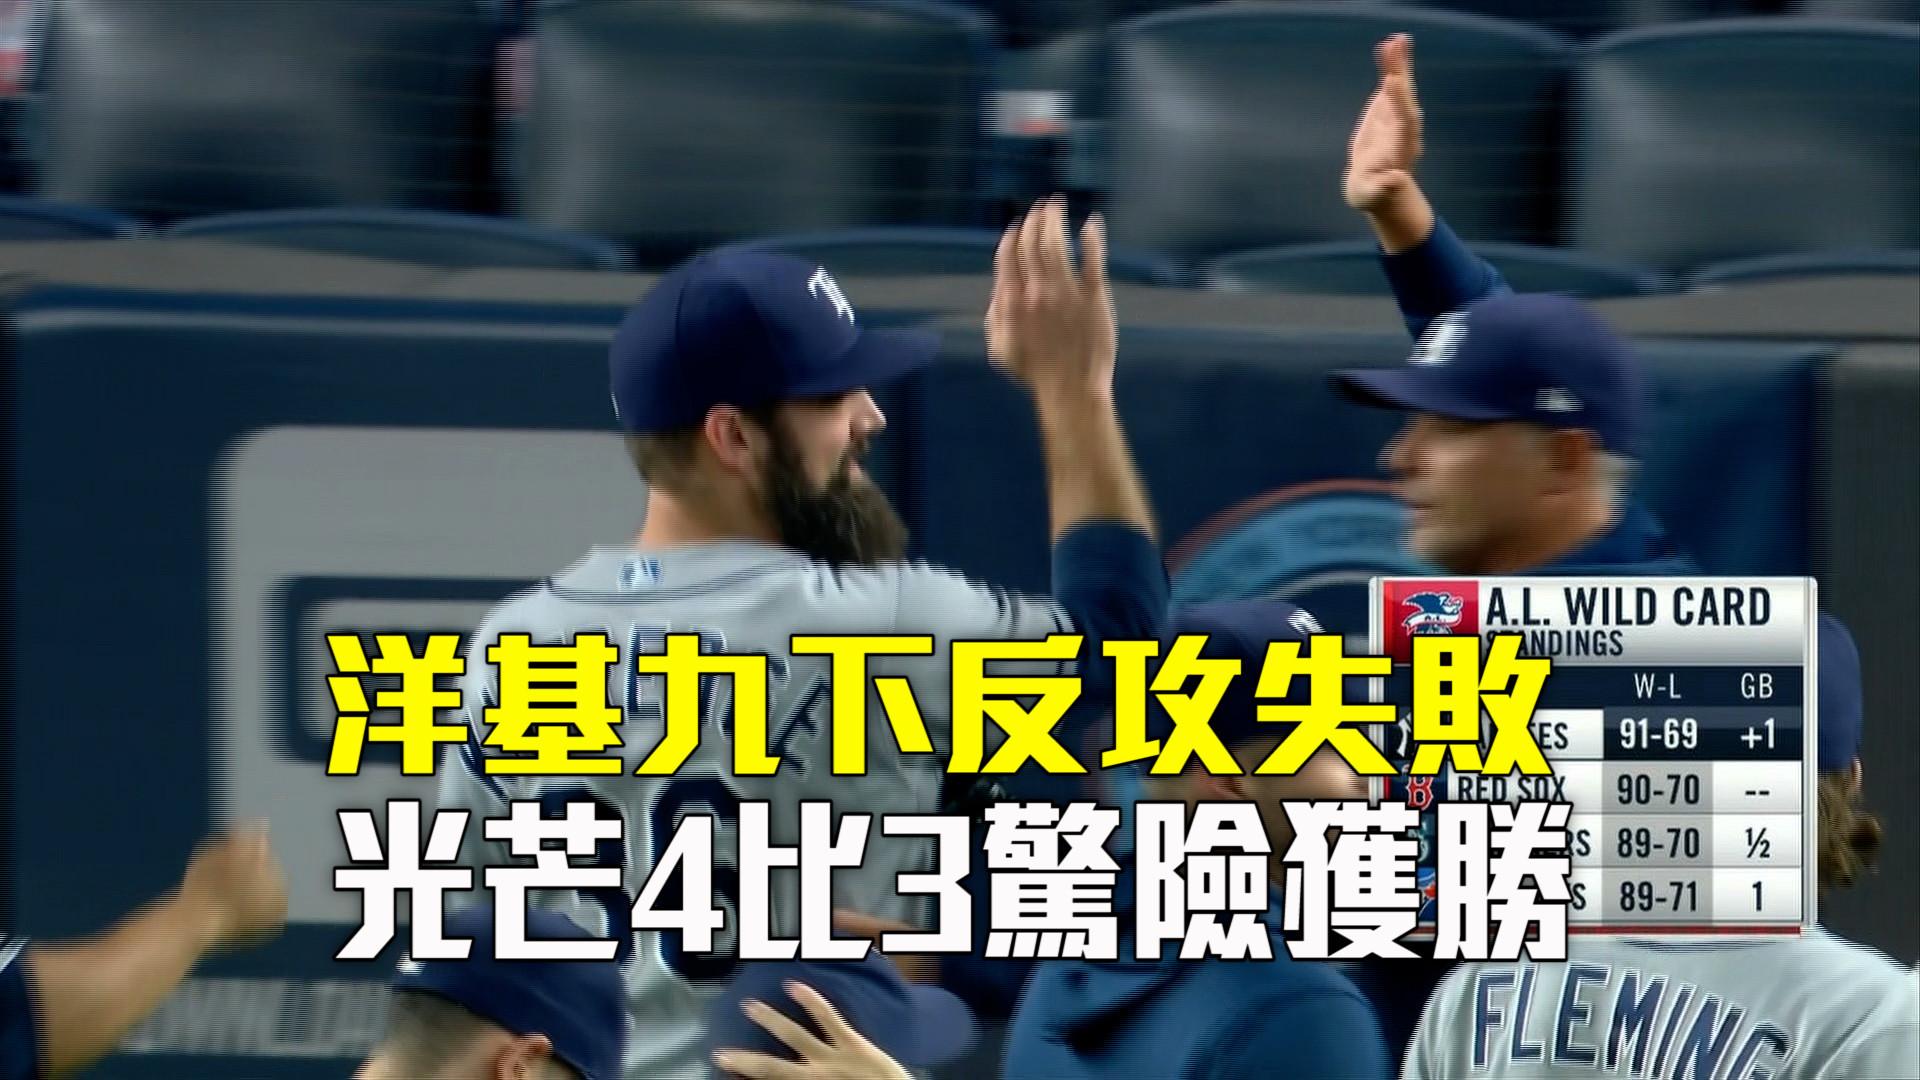 【MLB看愛爾達】洋基九下反攻失敗 光芒4比3驚險獲勝 10/2